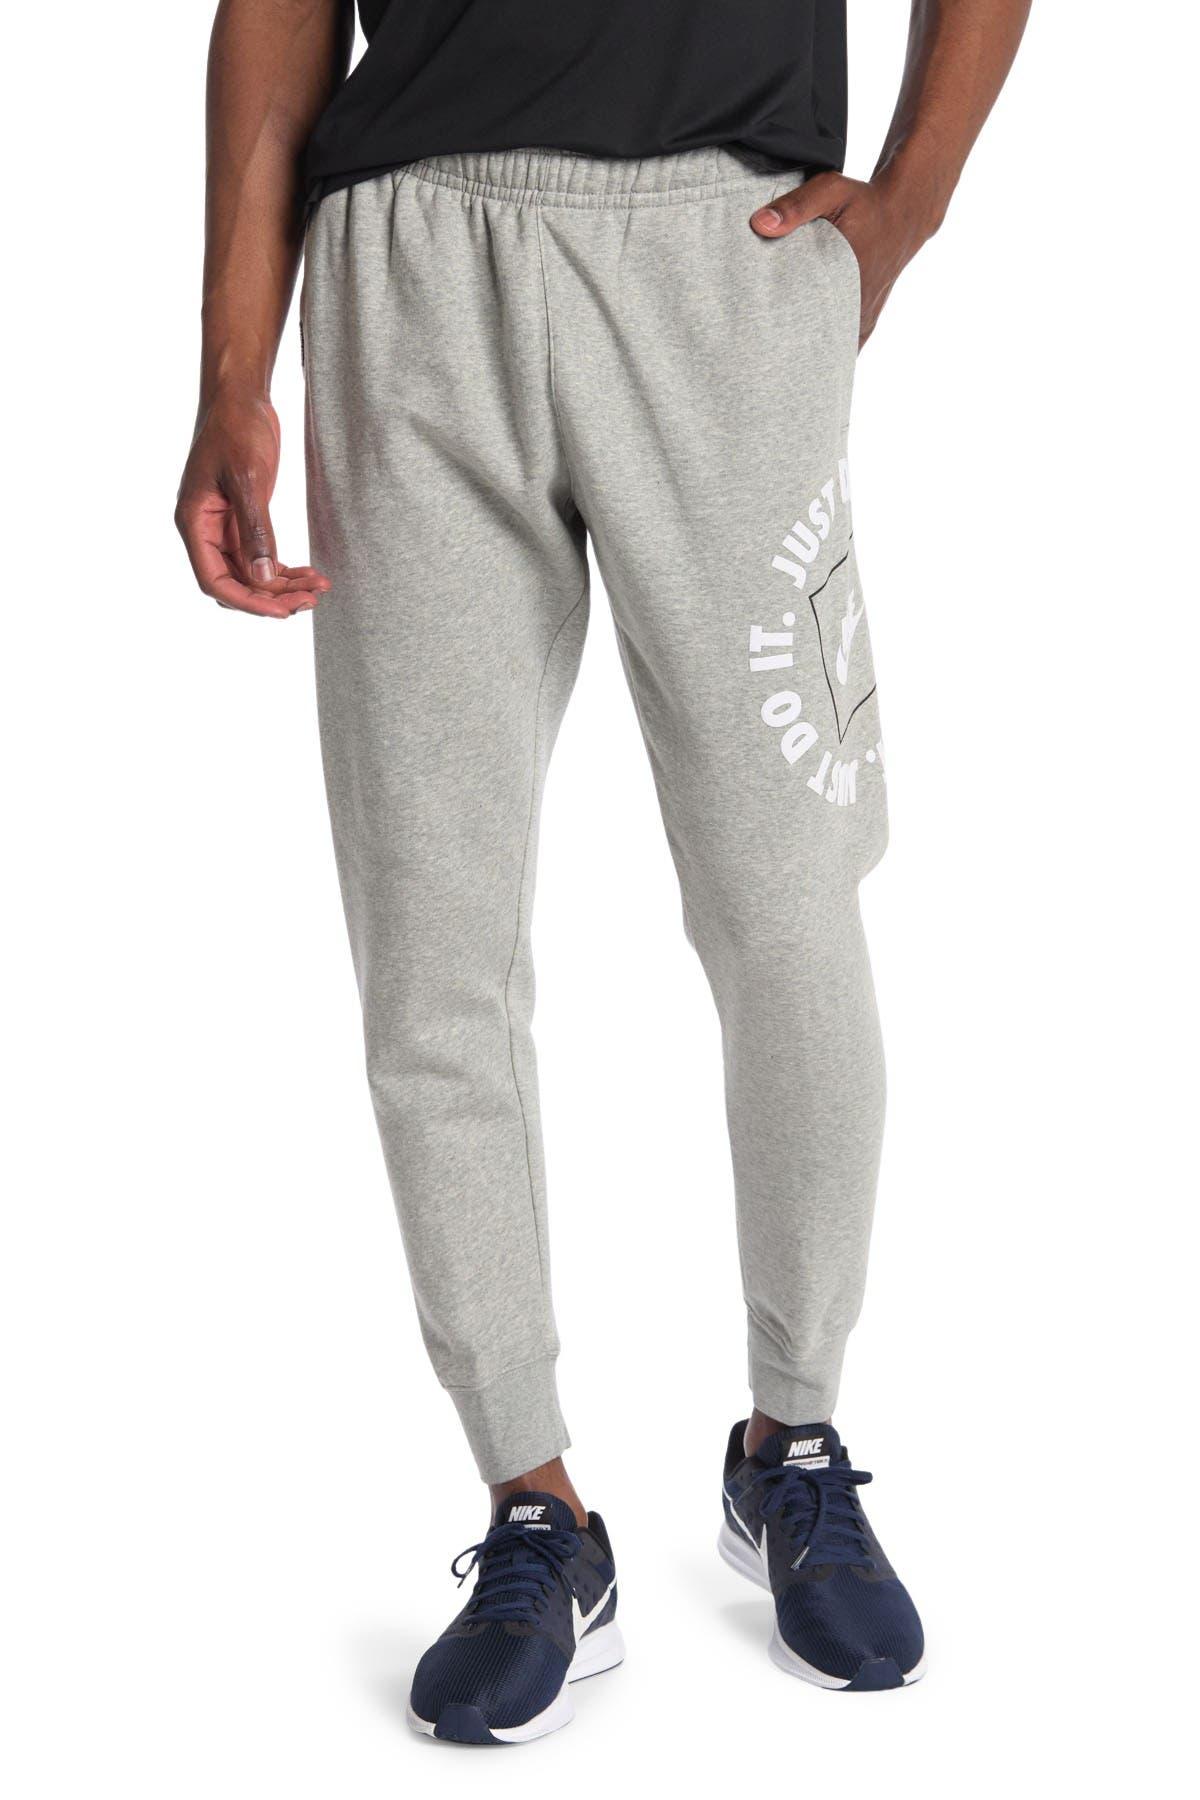 Image of Nike Just Do It Fleece Sweatpants